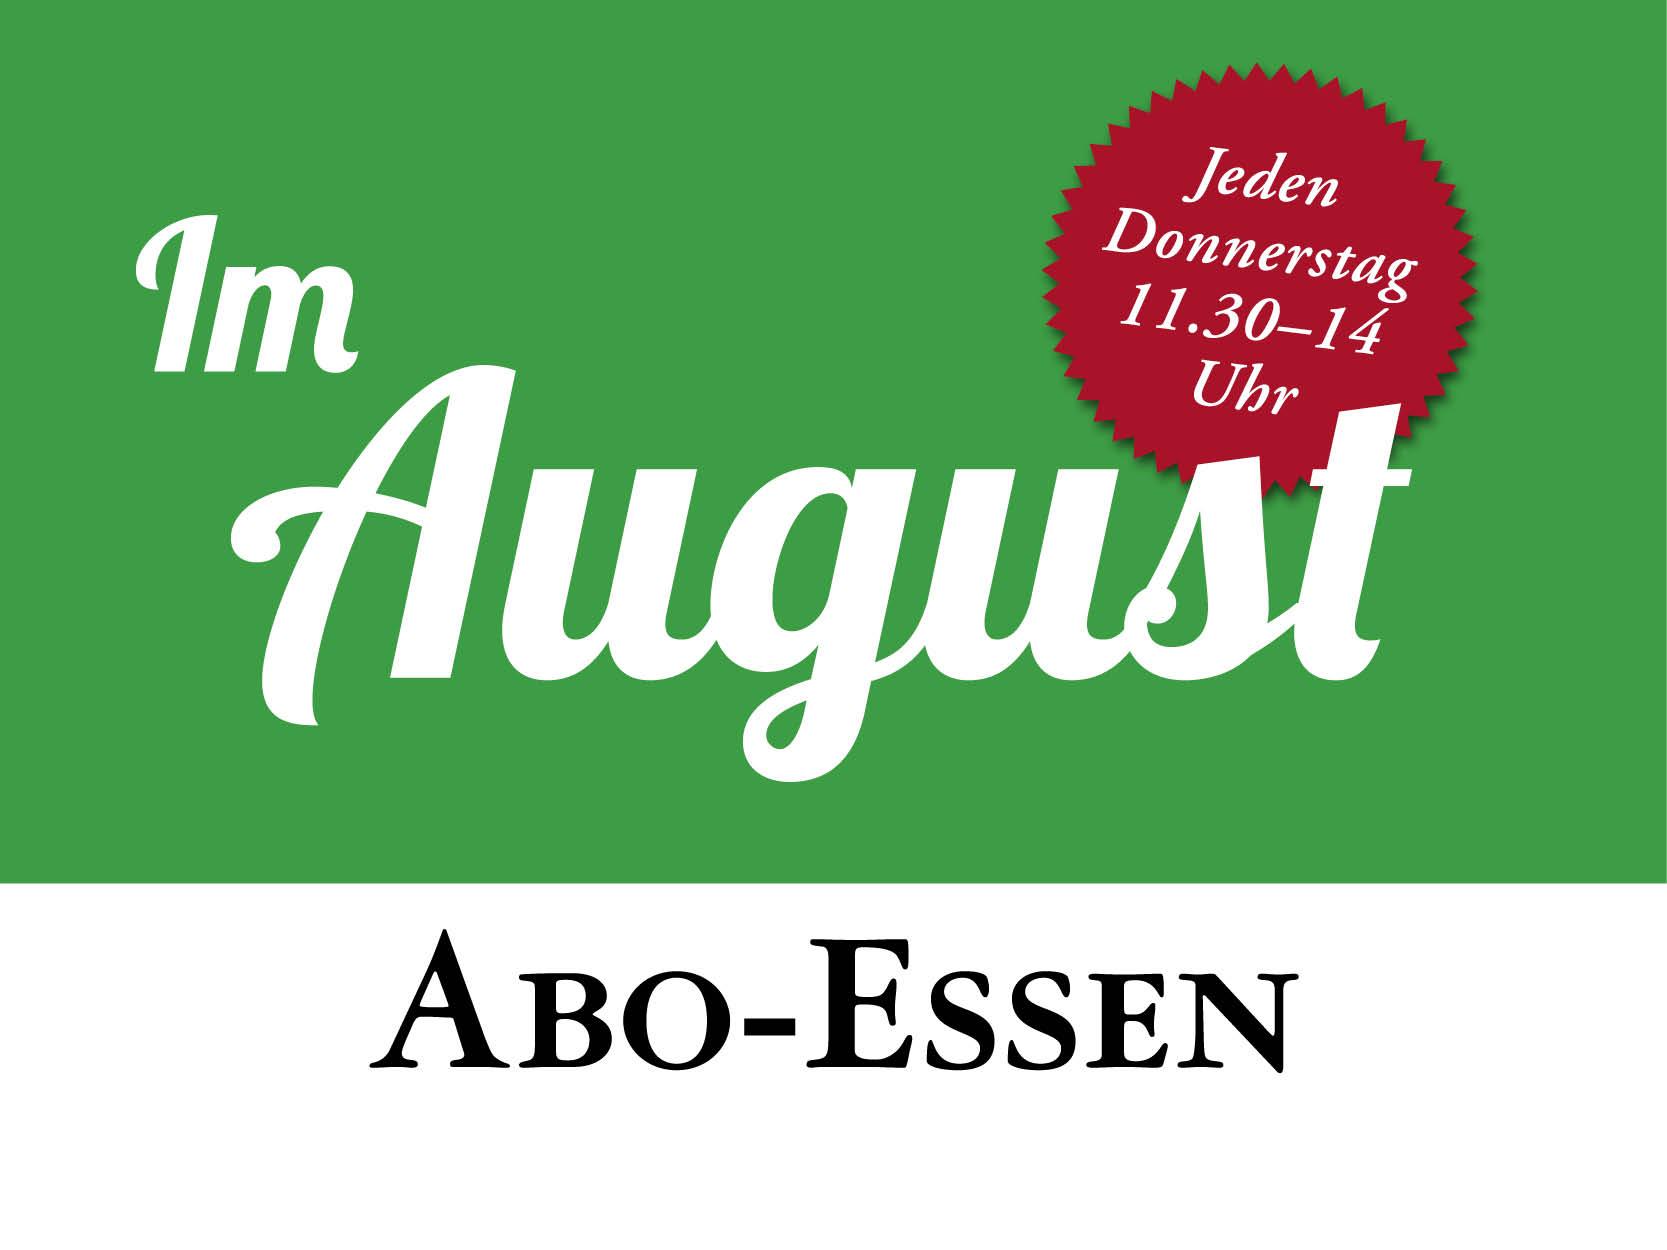 abo-essen-altshausen-august